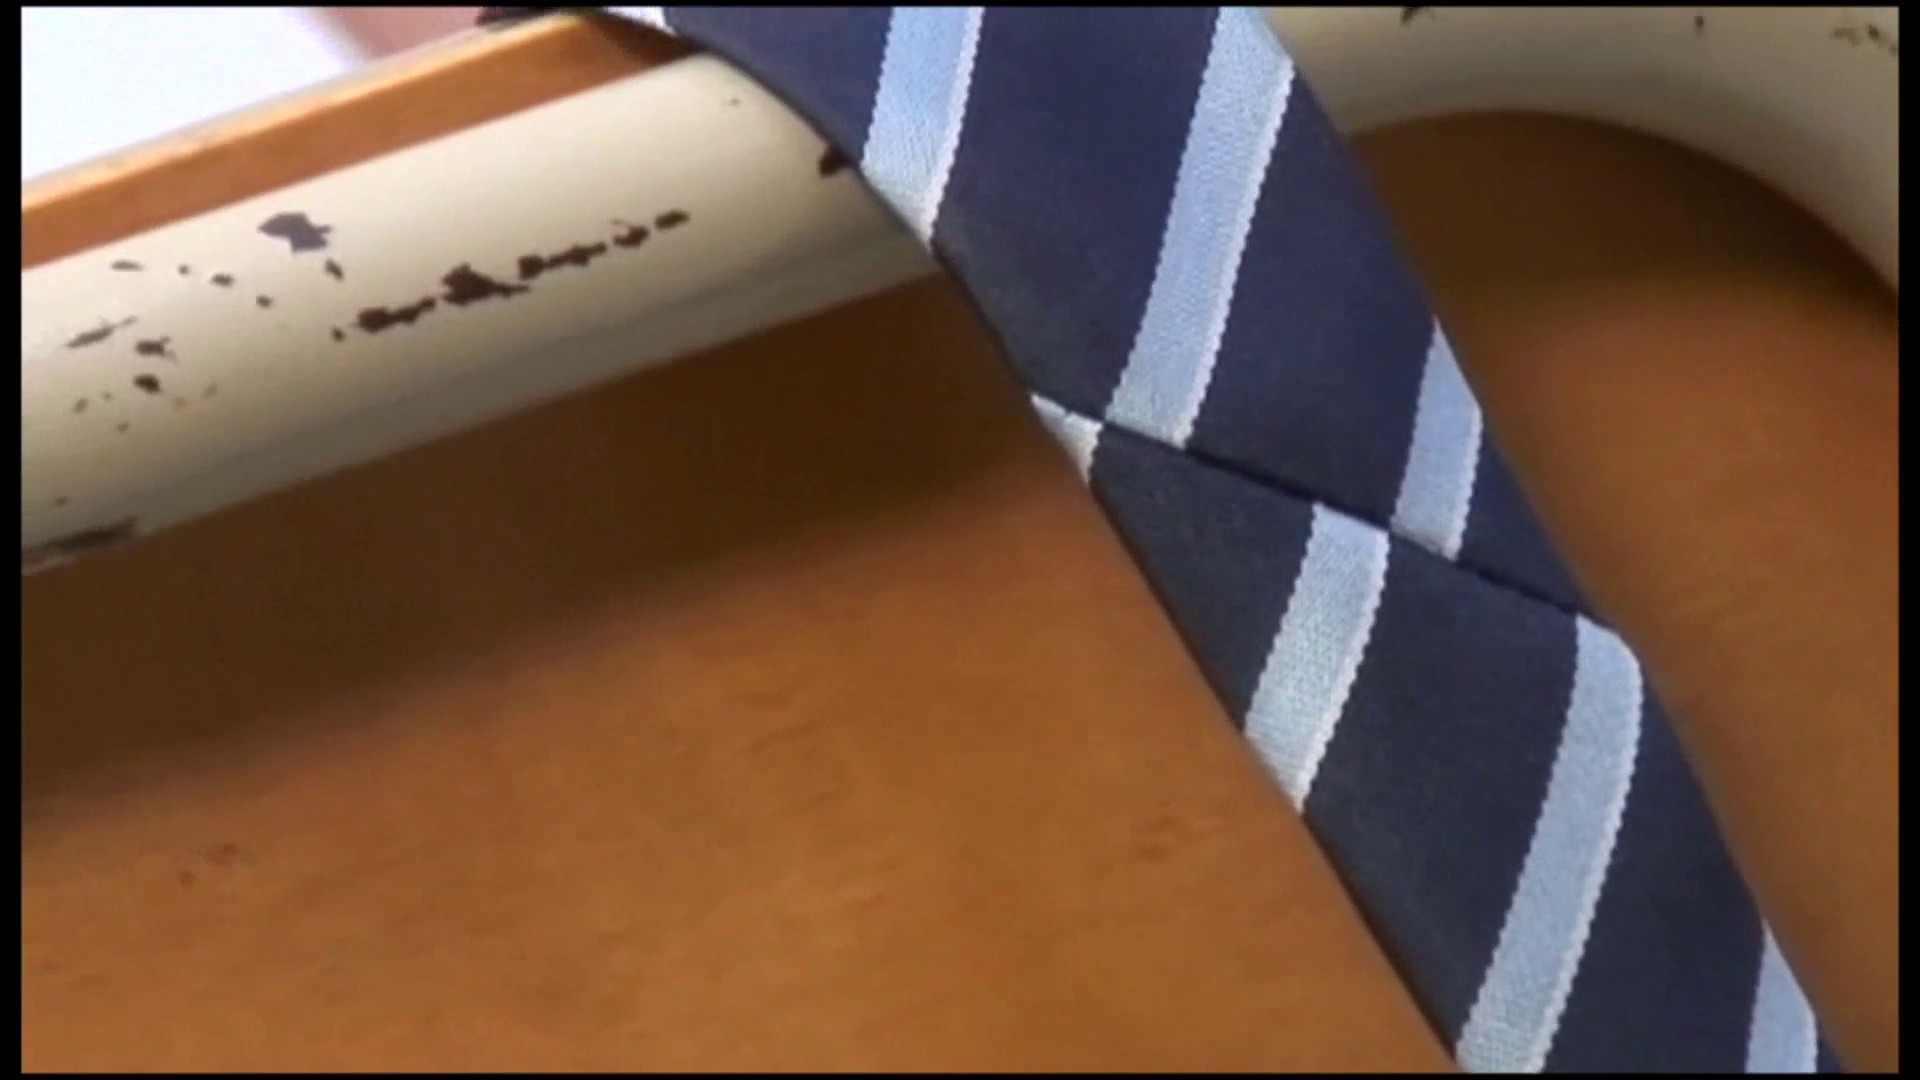 課外授業!居残り組は秘密の補習後編 ディルドで絶頂 男同士動画 112pic 69